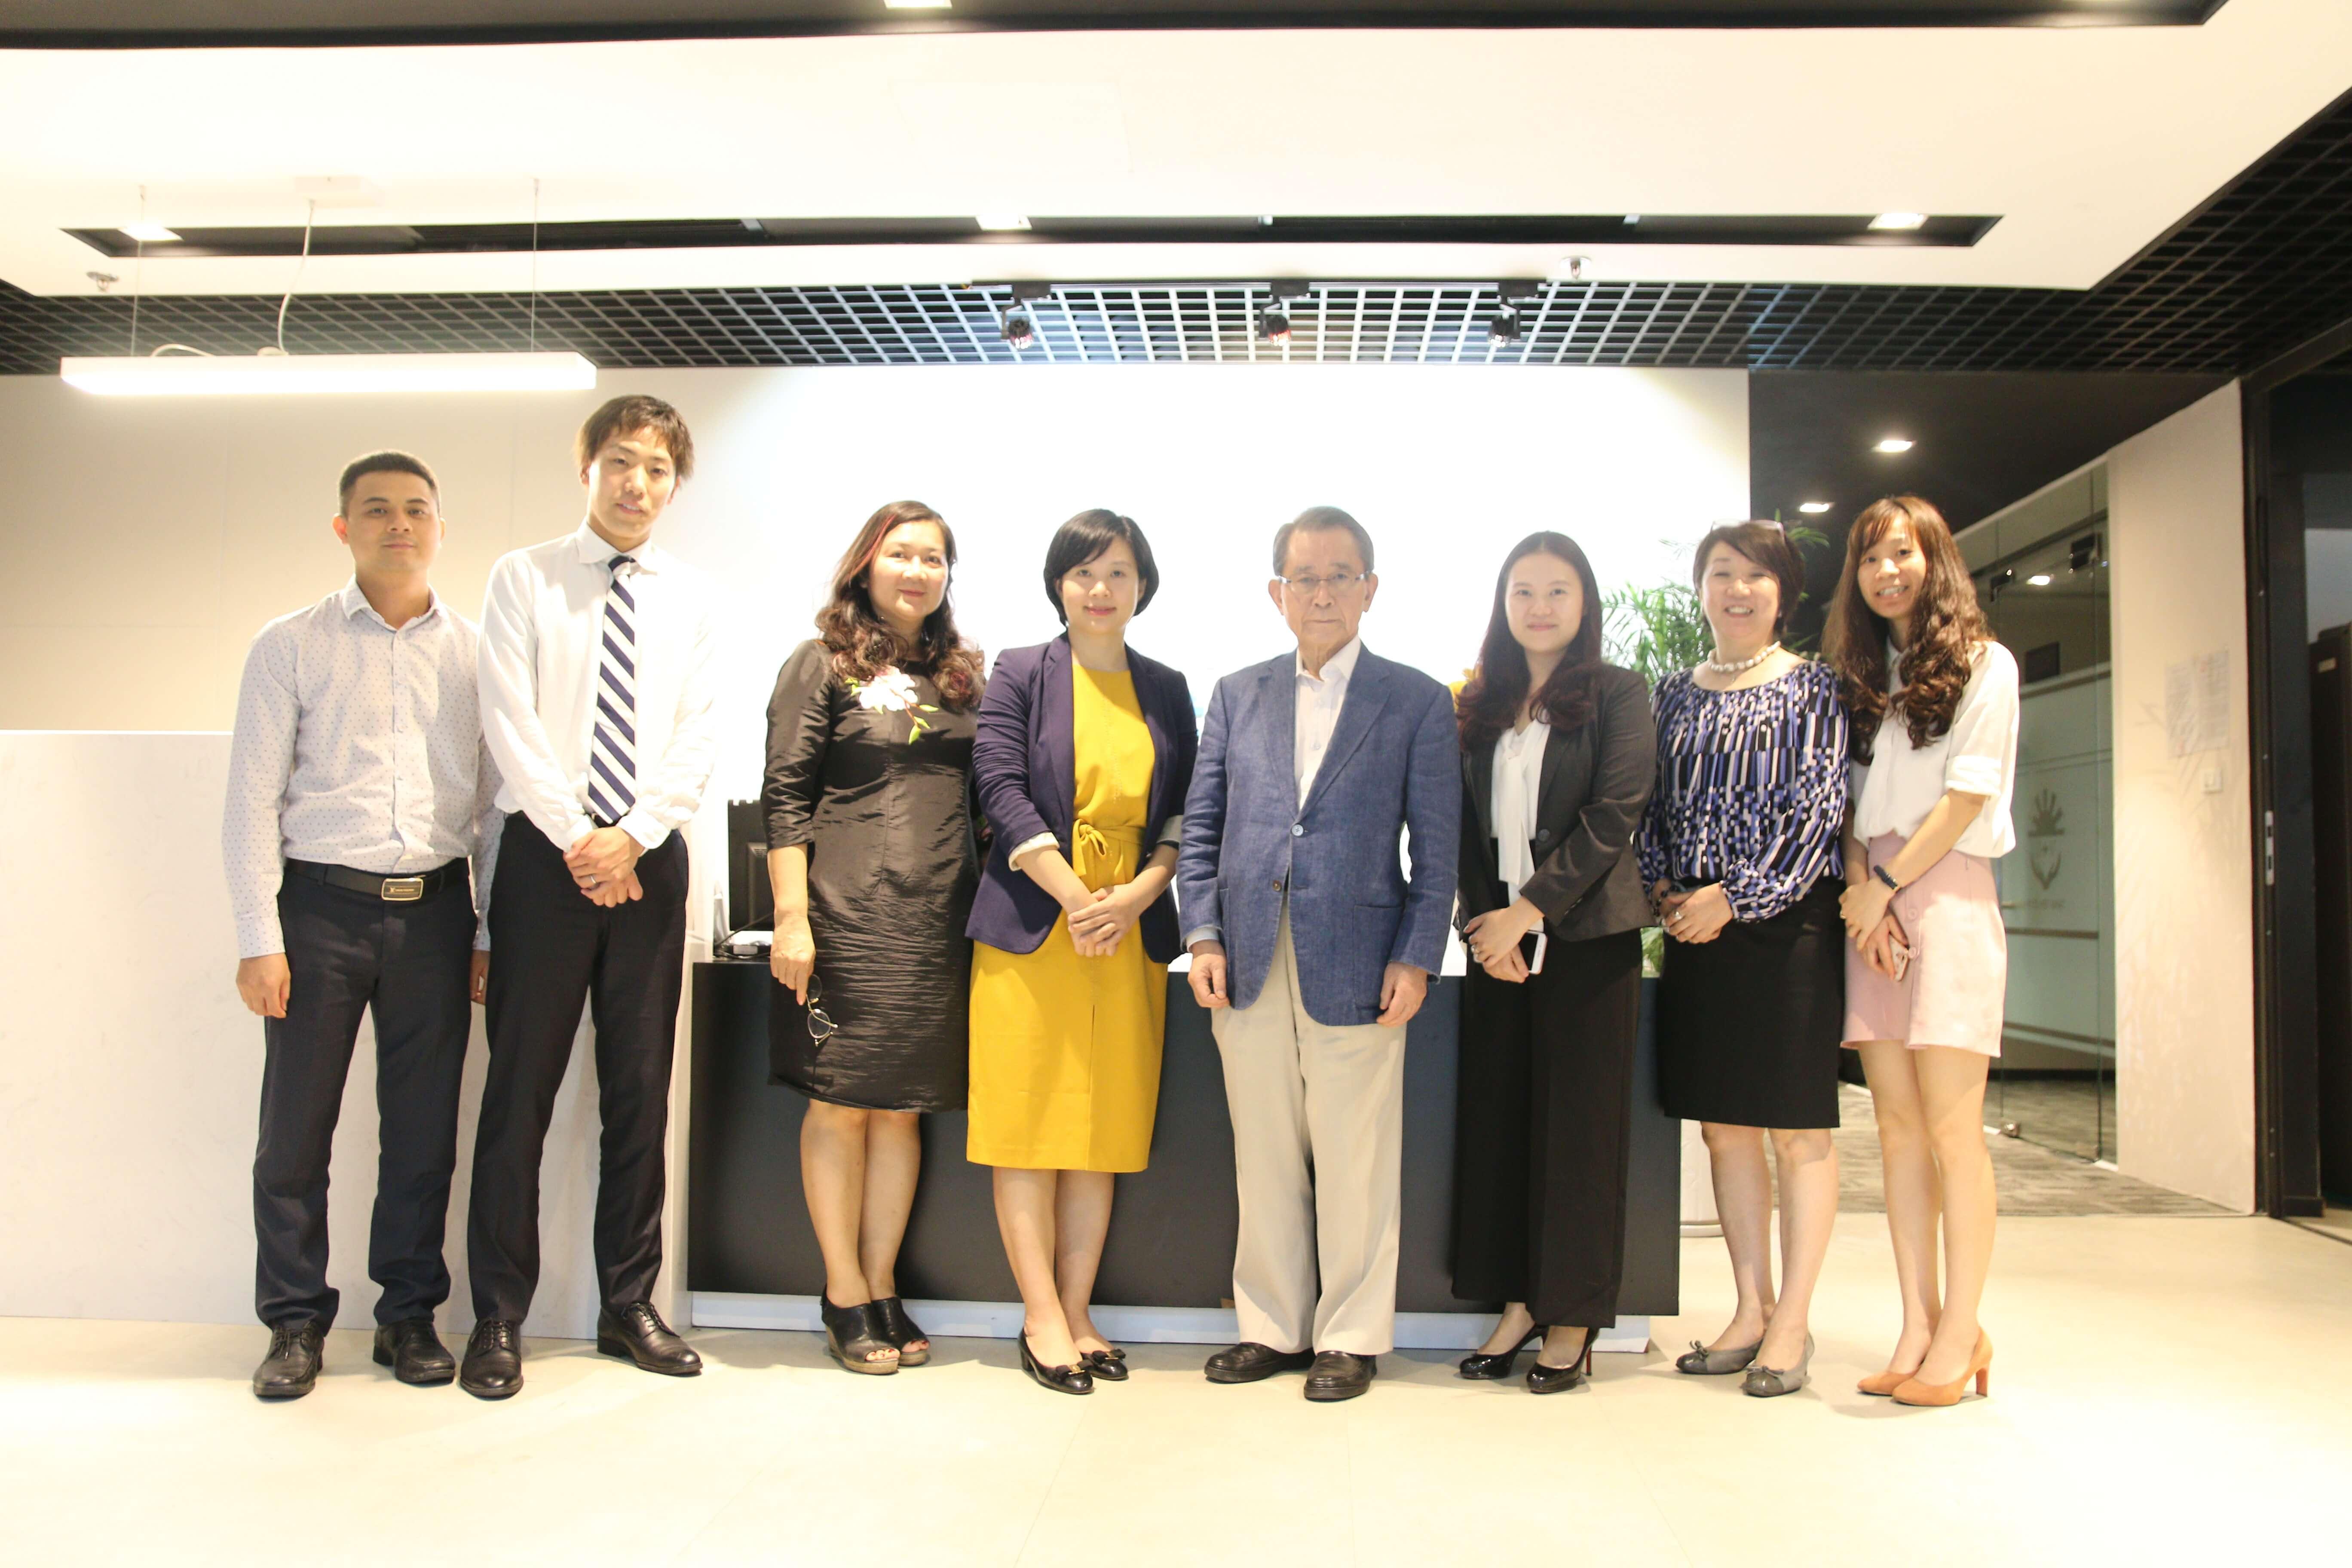 JVC tiếp đón Chủ tịch tập đoàn Sakura Global & lãnh đạo Sakura Seiki đến thăm và làm việc tại trụ sở Hà Nội